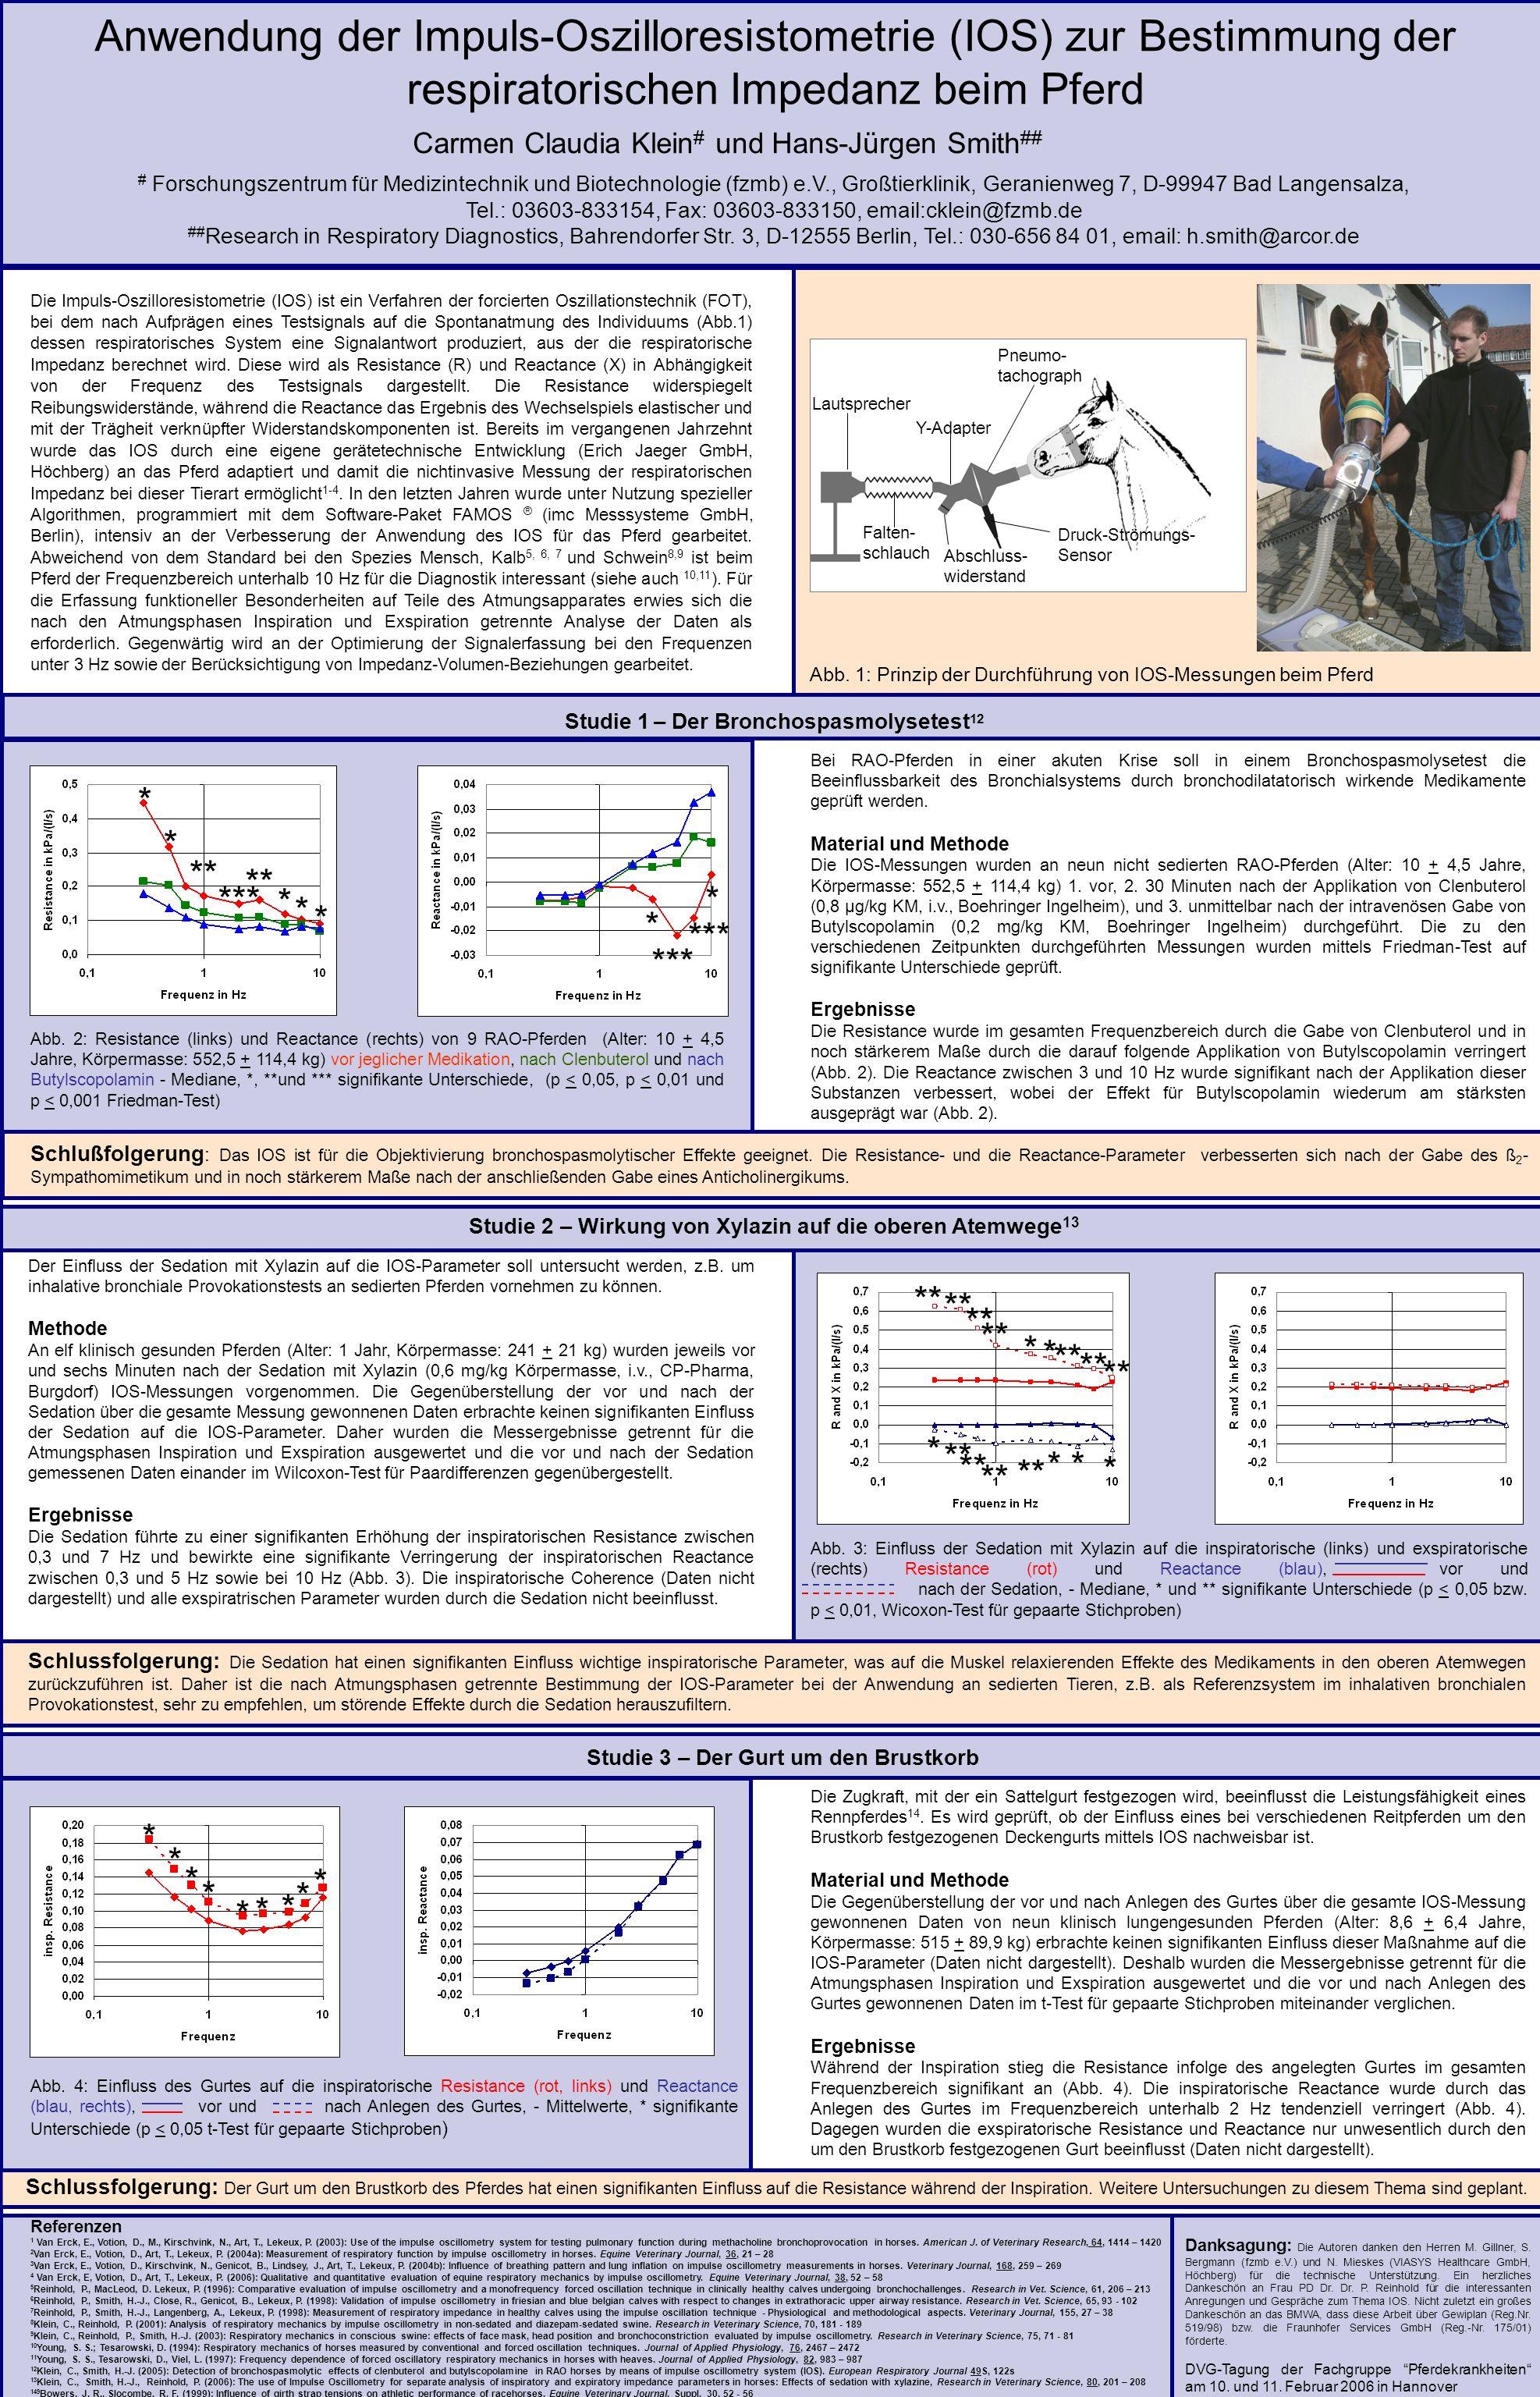 Anwendung der Impuls-Oszilloresistometrie (IOS) zur Bestimmung der respiratorischen Impedanz beim Pferd